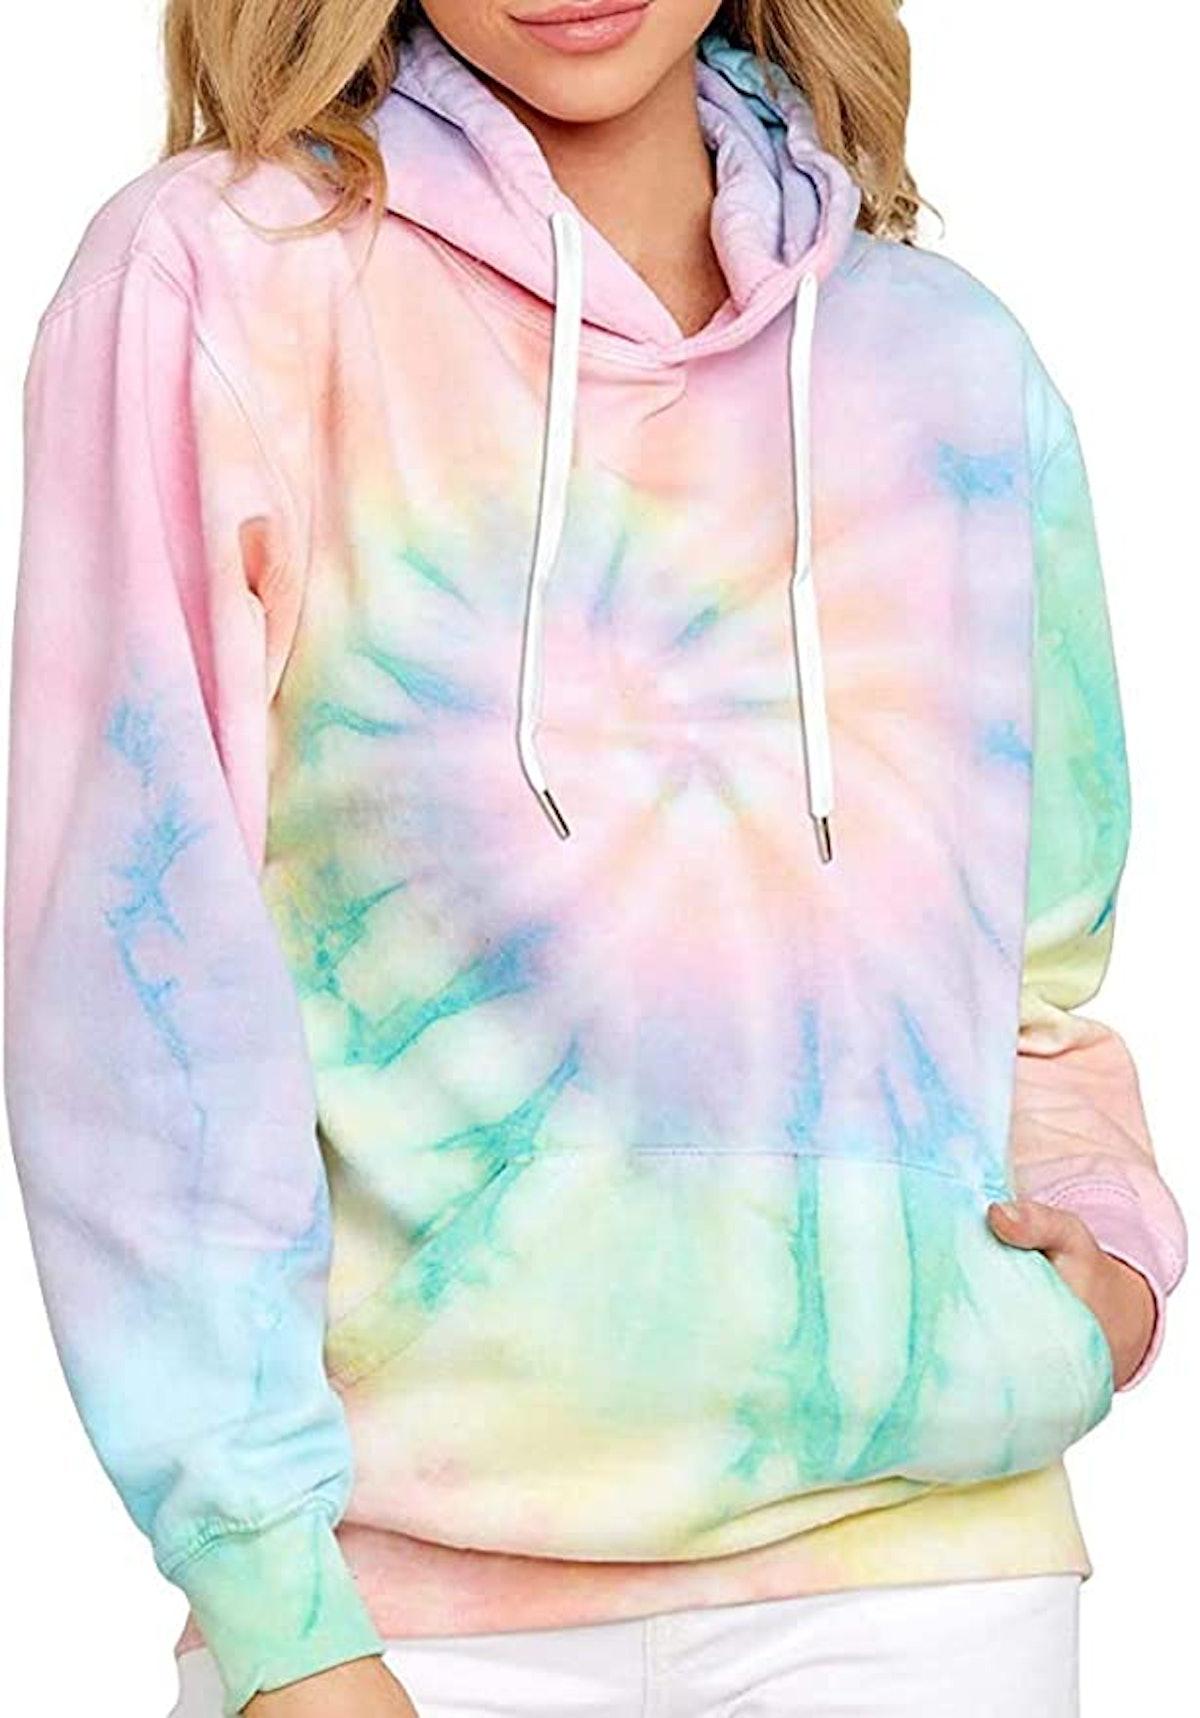 EFAN Women's Hoodies Tops Tie Dye Printed Sweatshirt Long Sleeve Pullover Loose Drawstring Hooded with Pocket